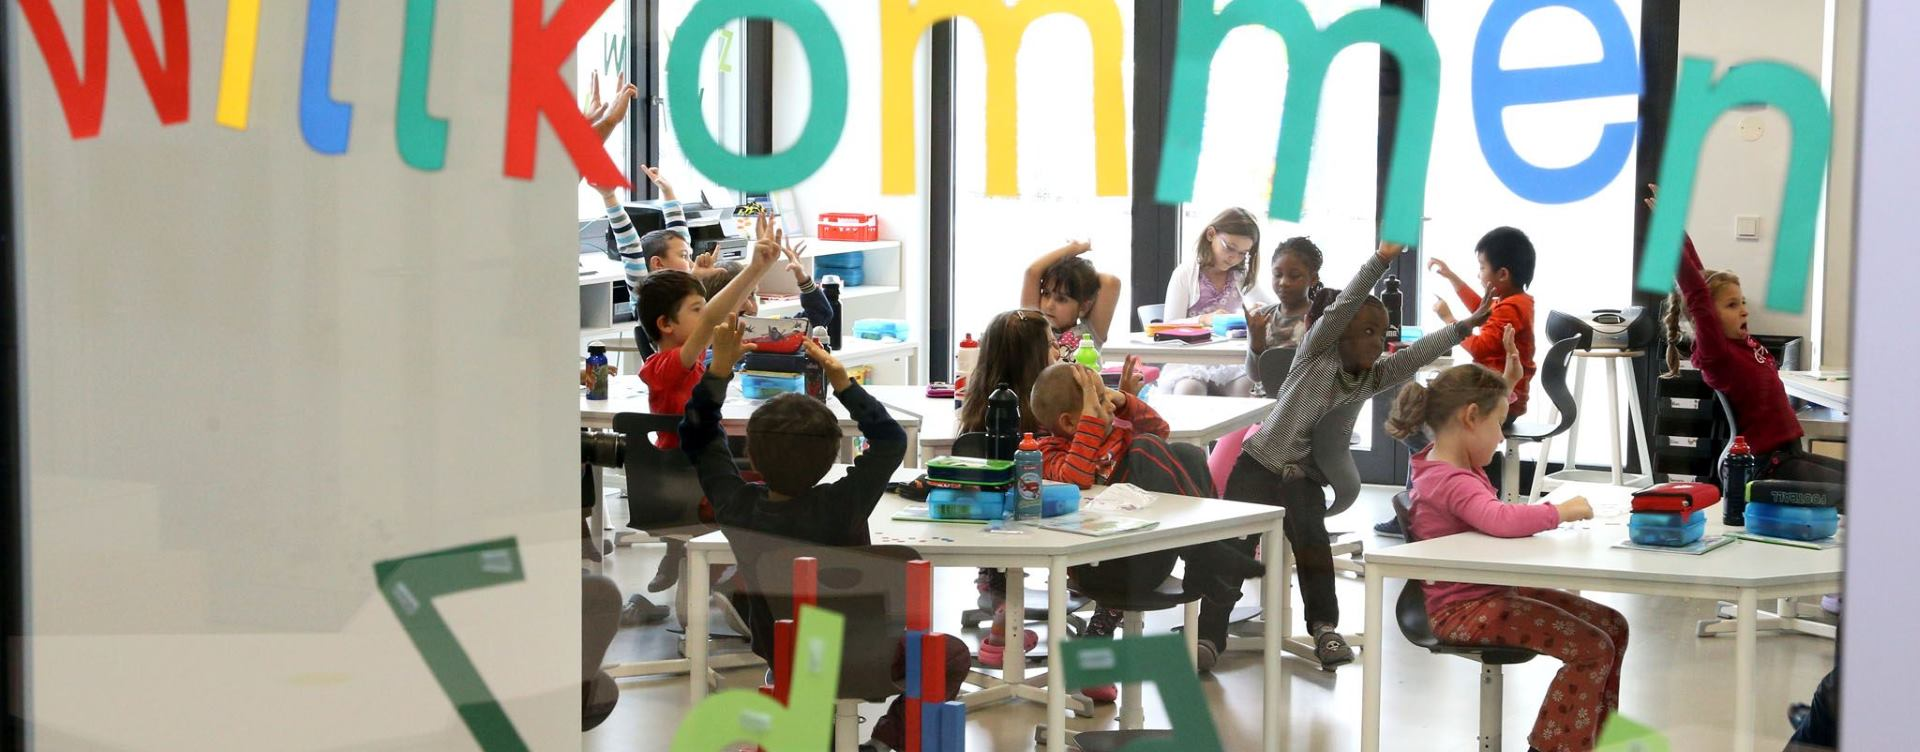 GRAD BEČ Jedan od najzanimljivijih projekata je izgradnja obrazovnog kampusa